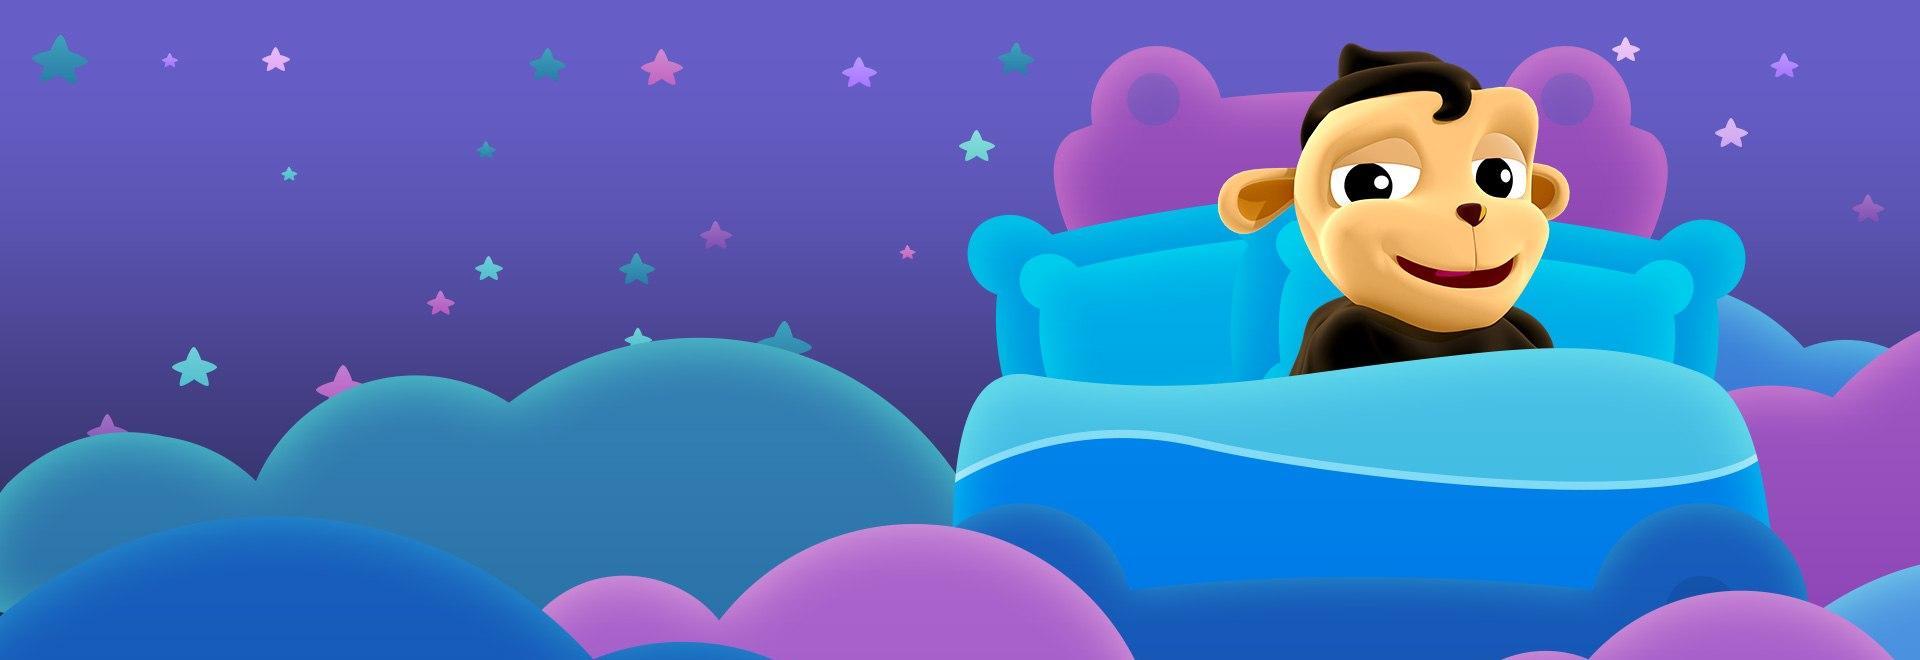 Notti piene di sogni